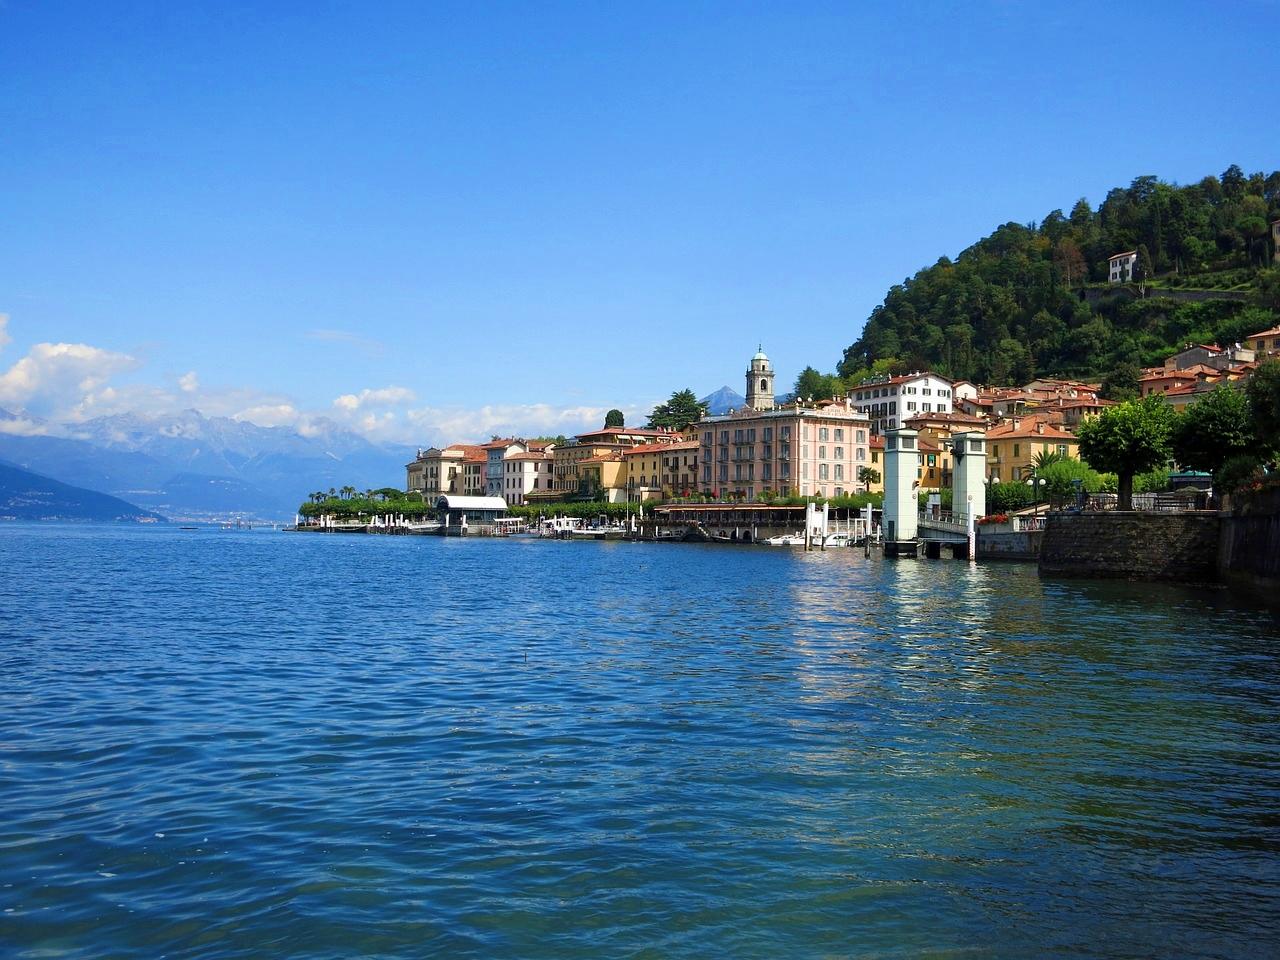 La dolce vita pe Lacul Como